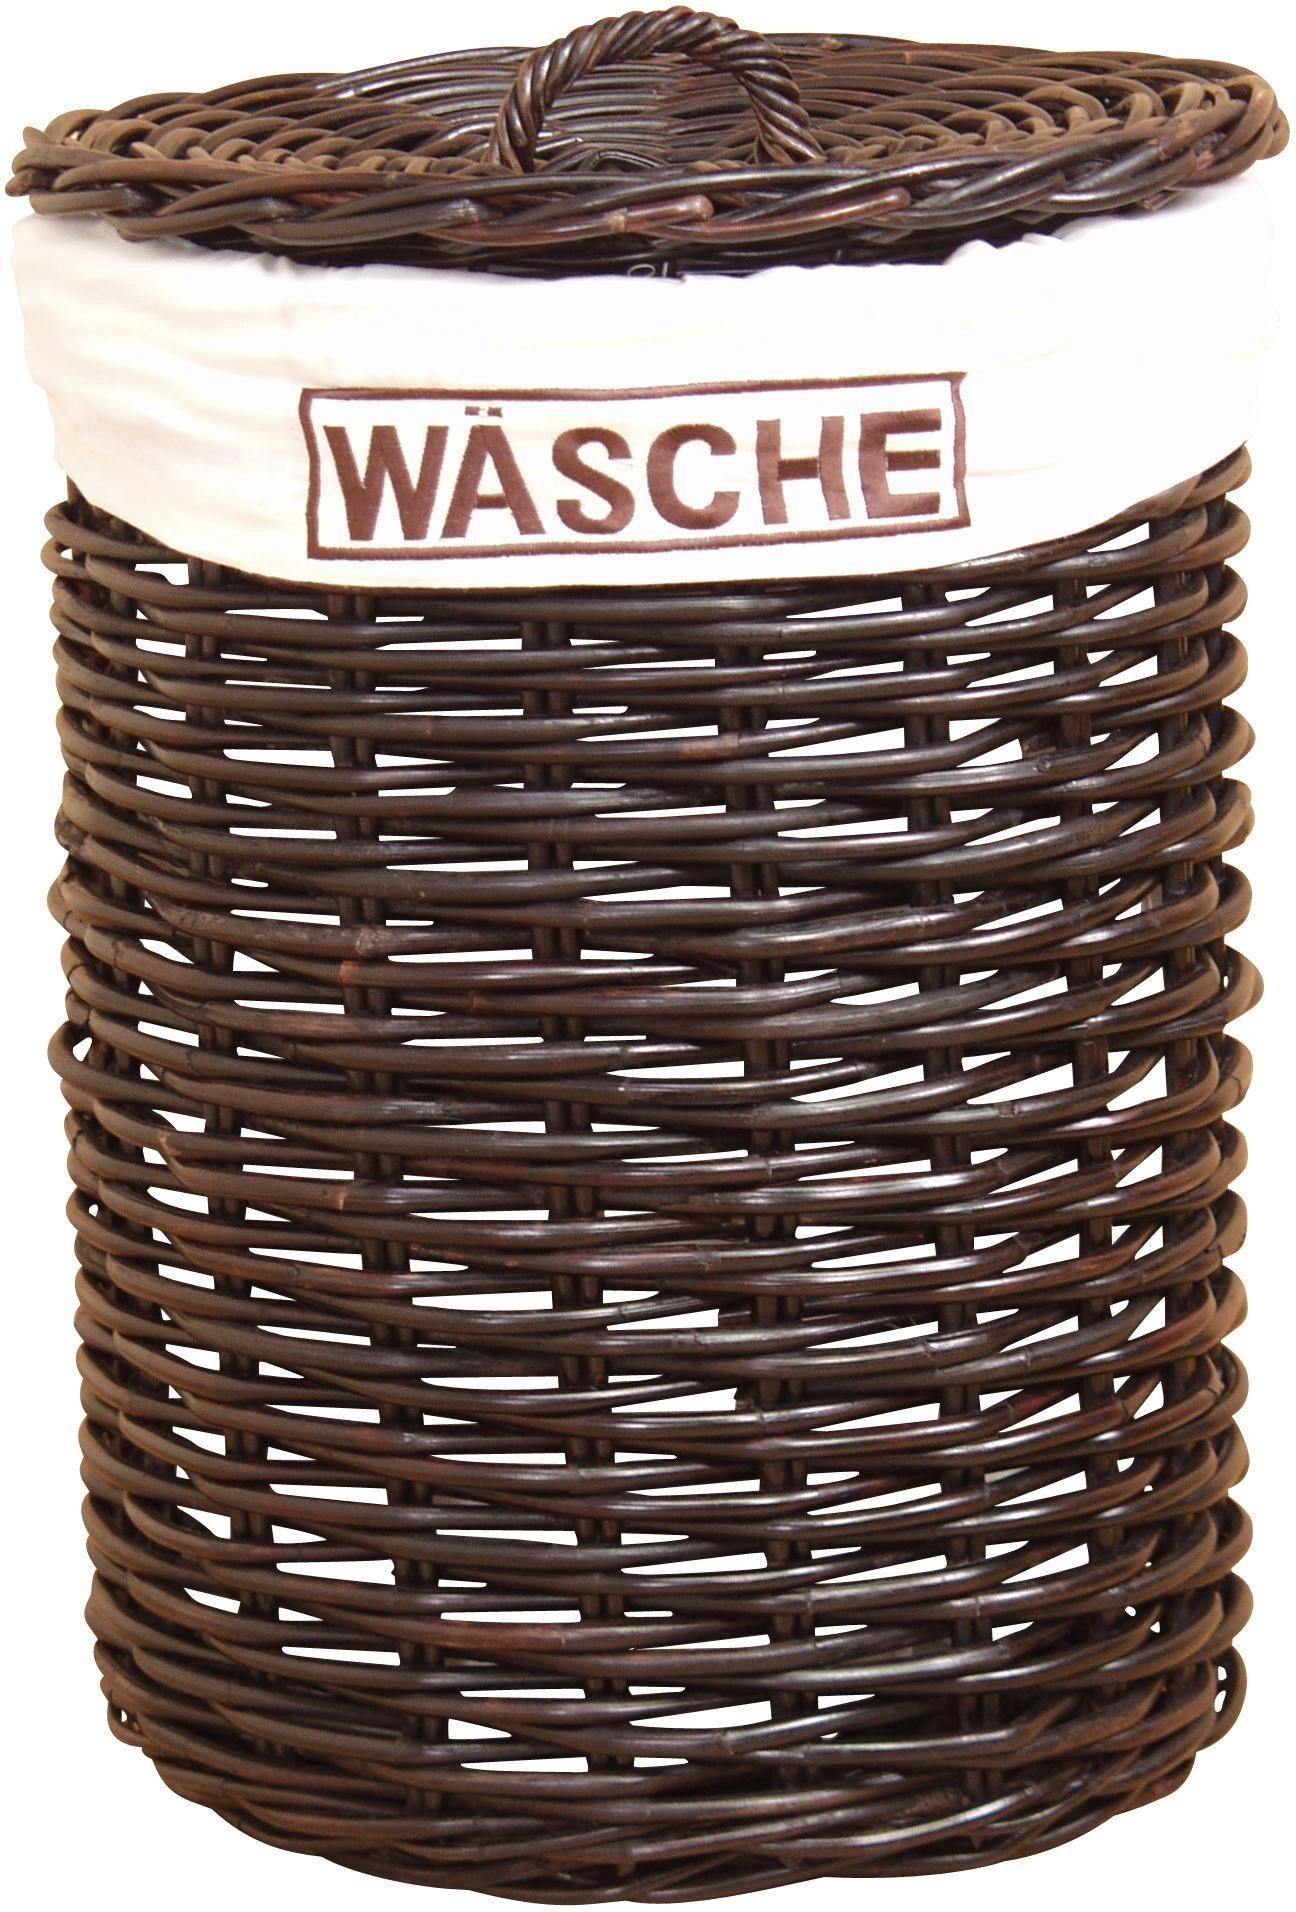 Wäschekörbe Preisvergleich • Die besten Angebote online kaufen